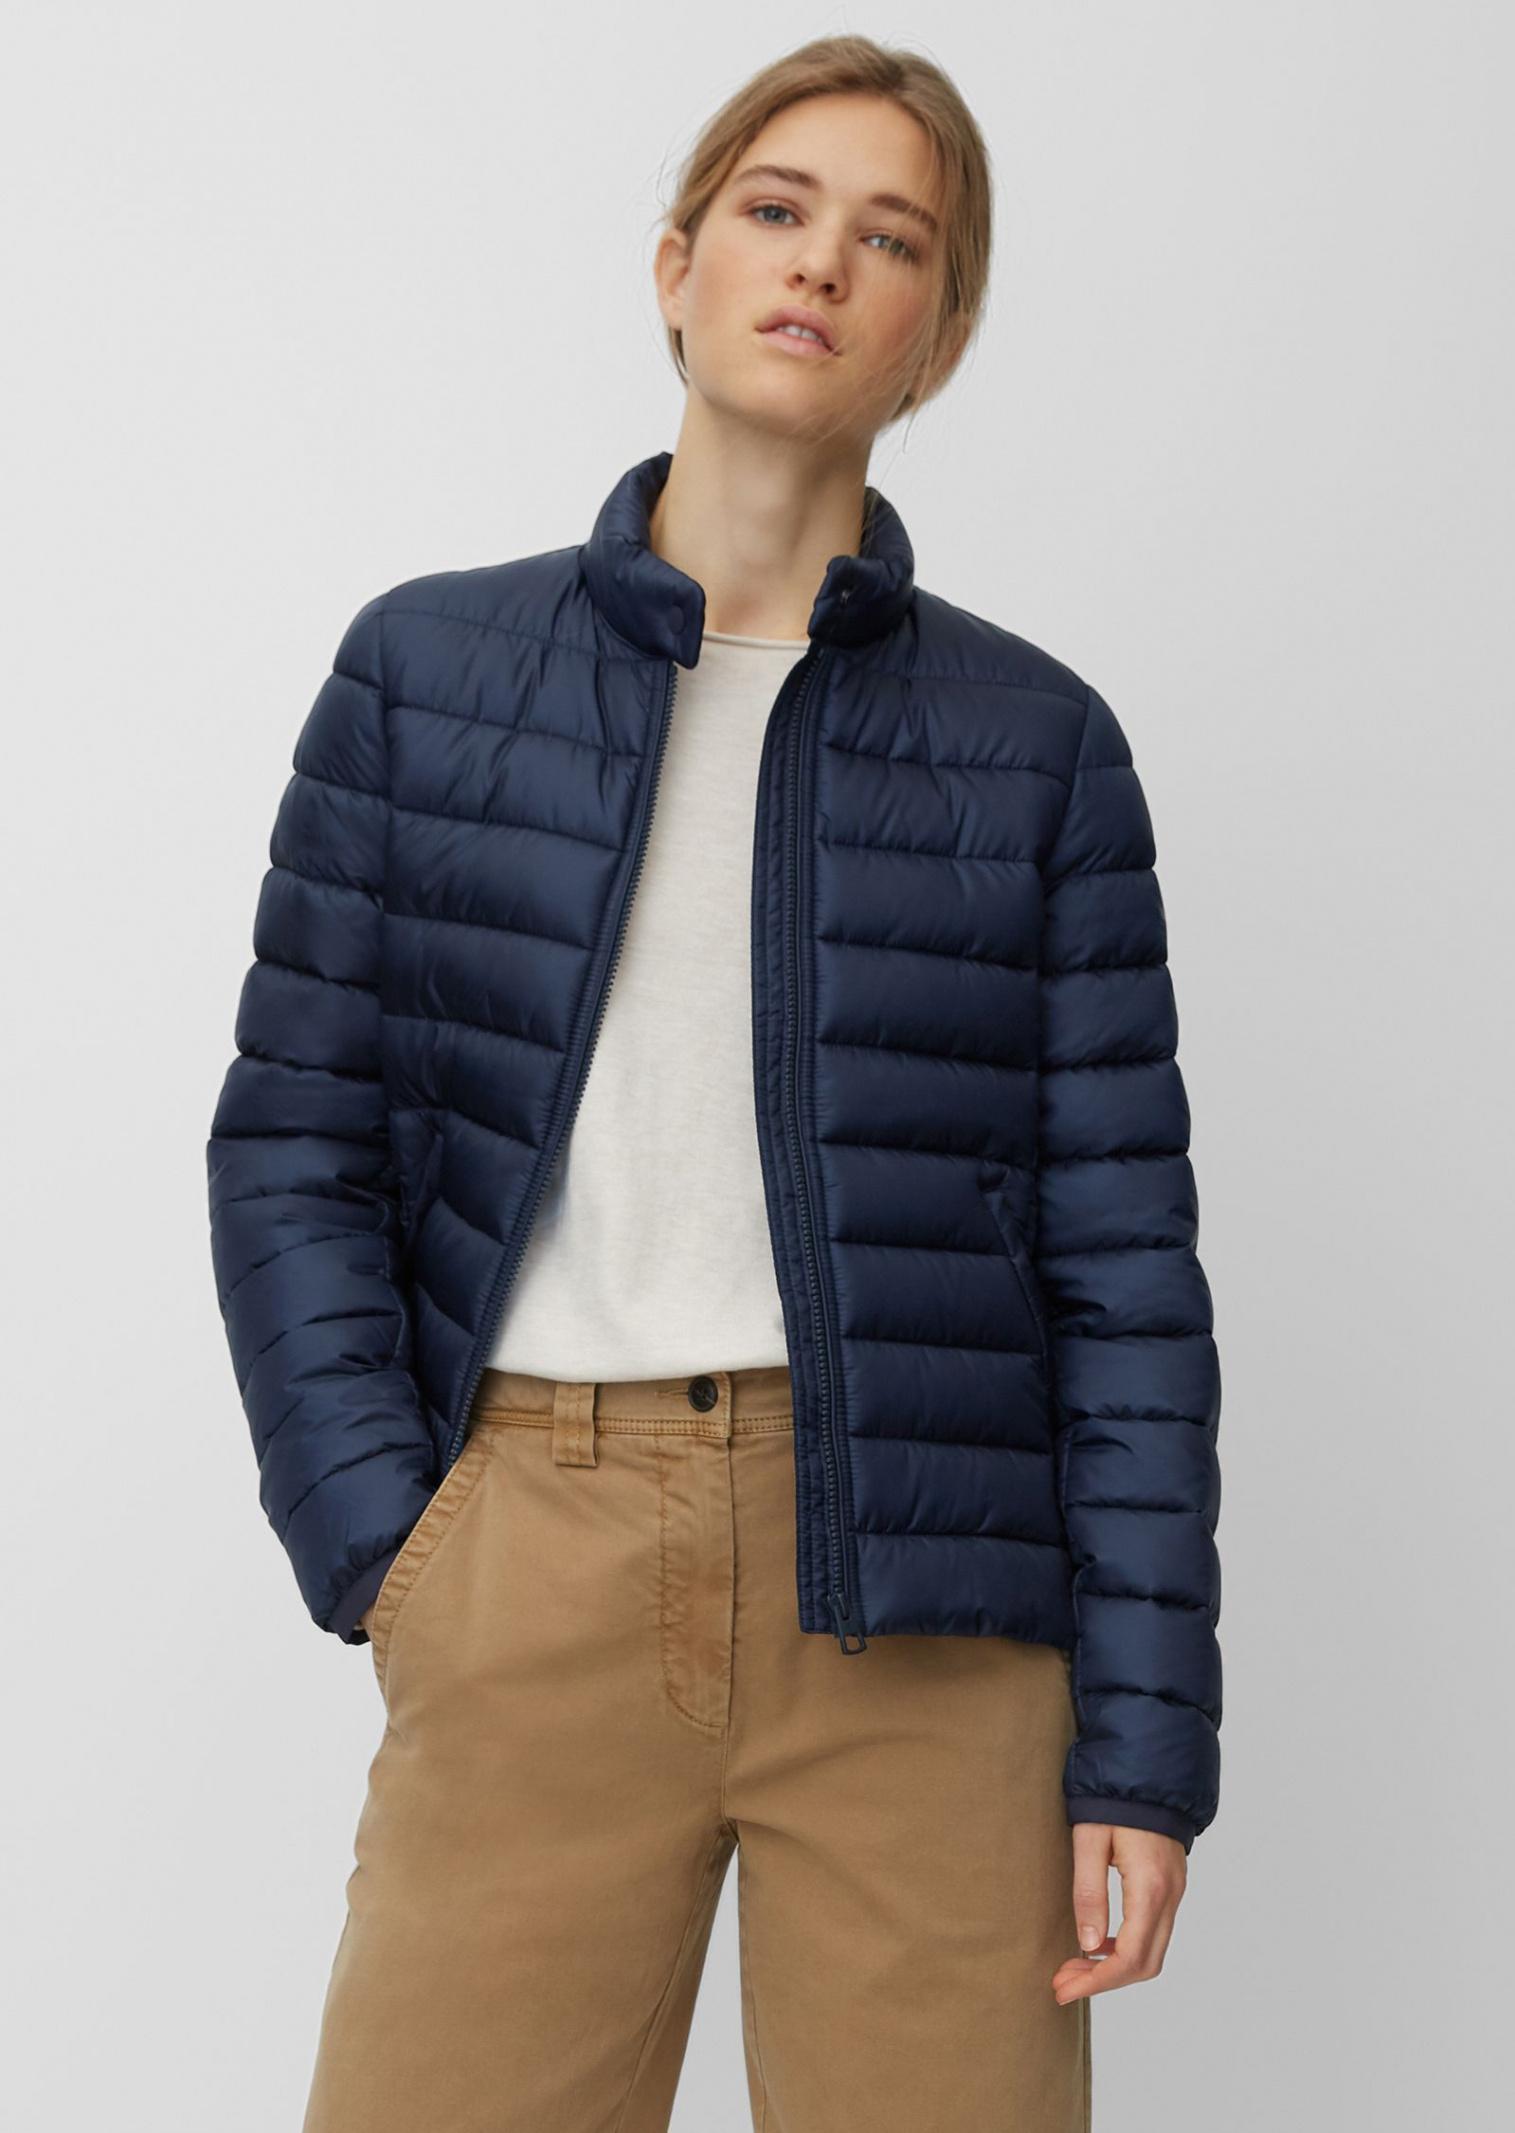 Куртка женские MARC O'POLO модель PD719 купить, 2017